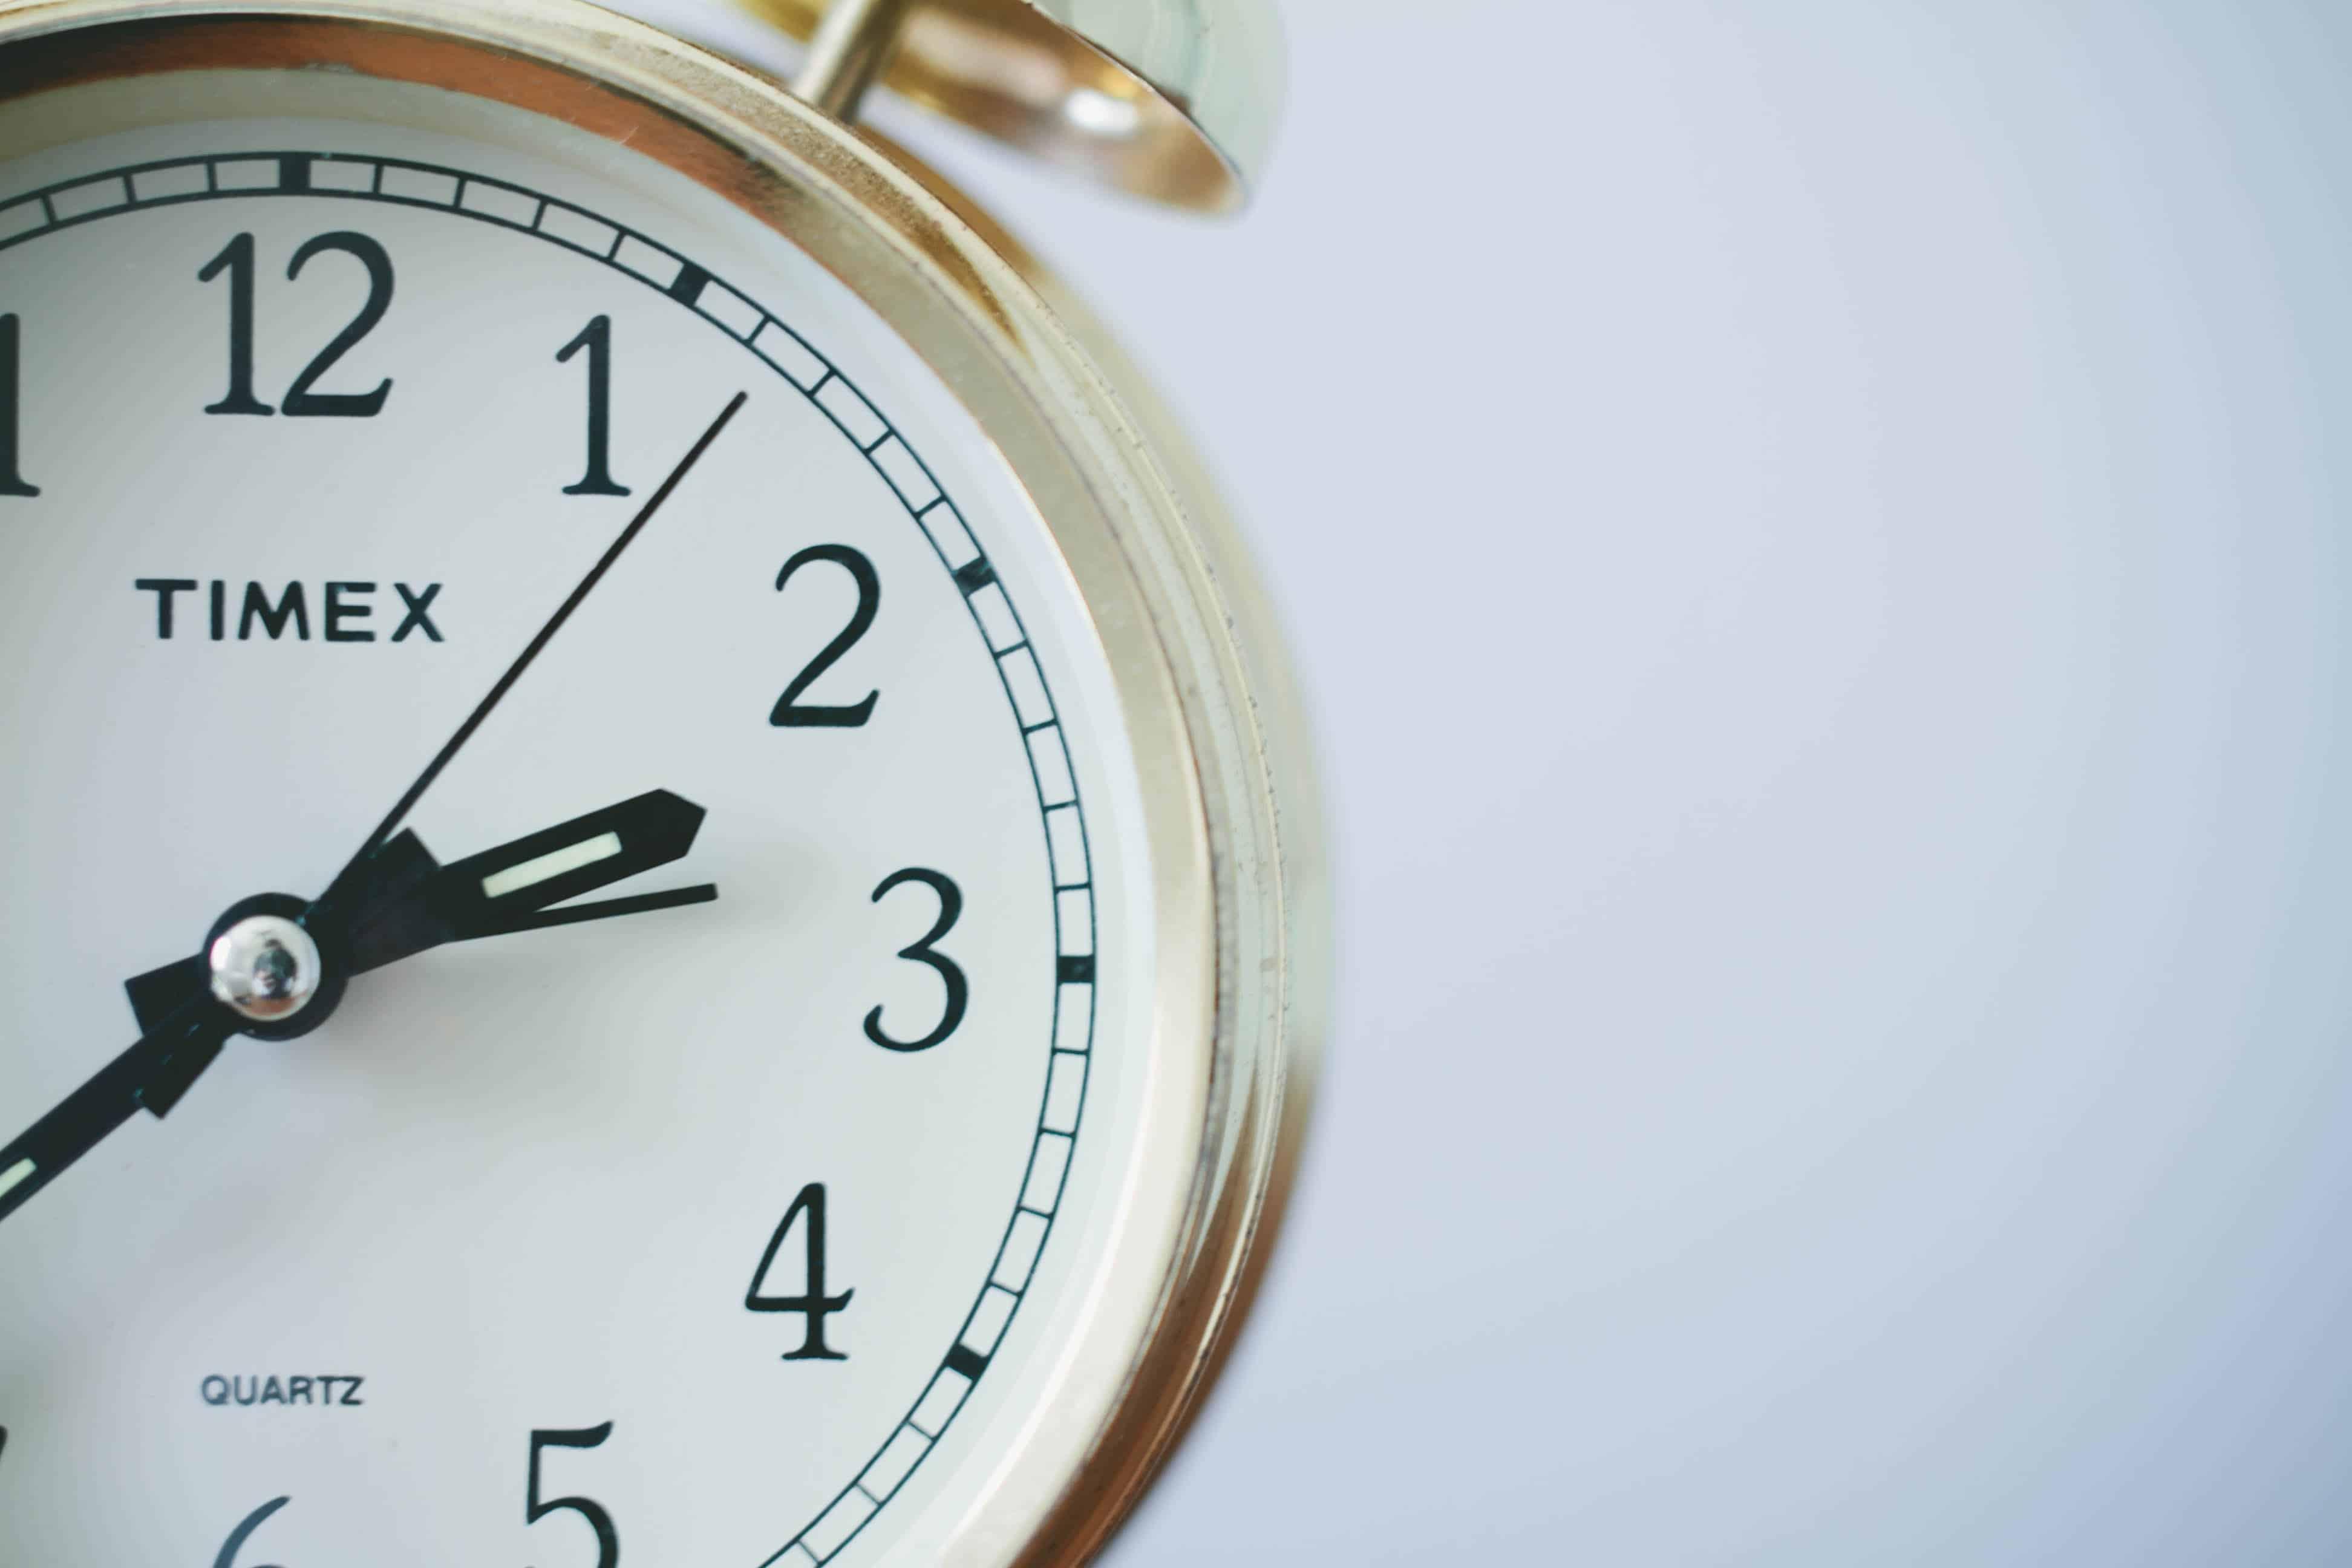 Masa bukan Emas. Masa Berharga daripada Emas